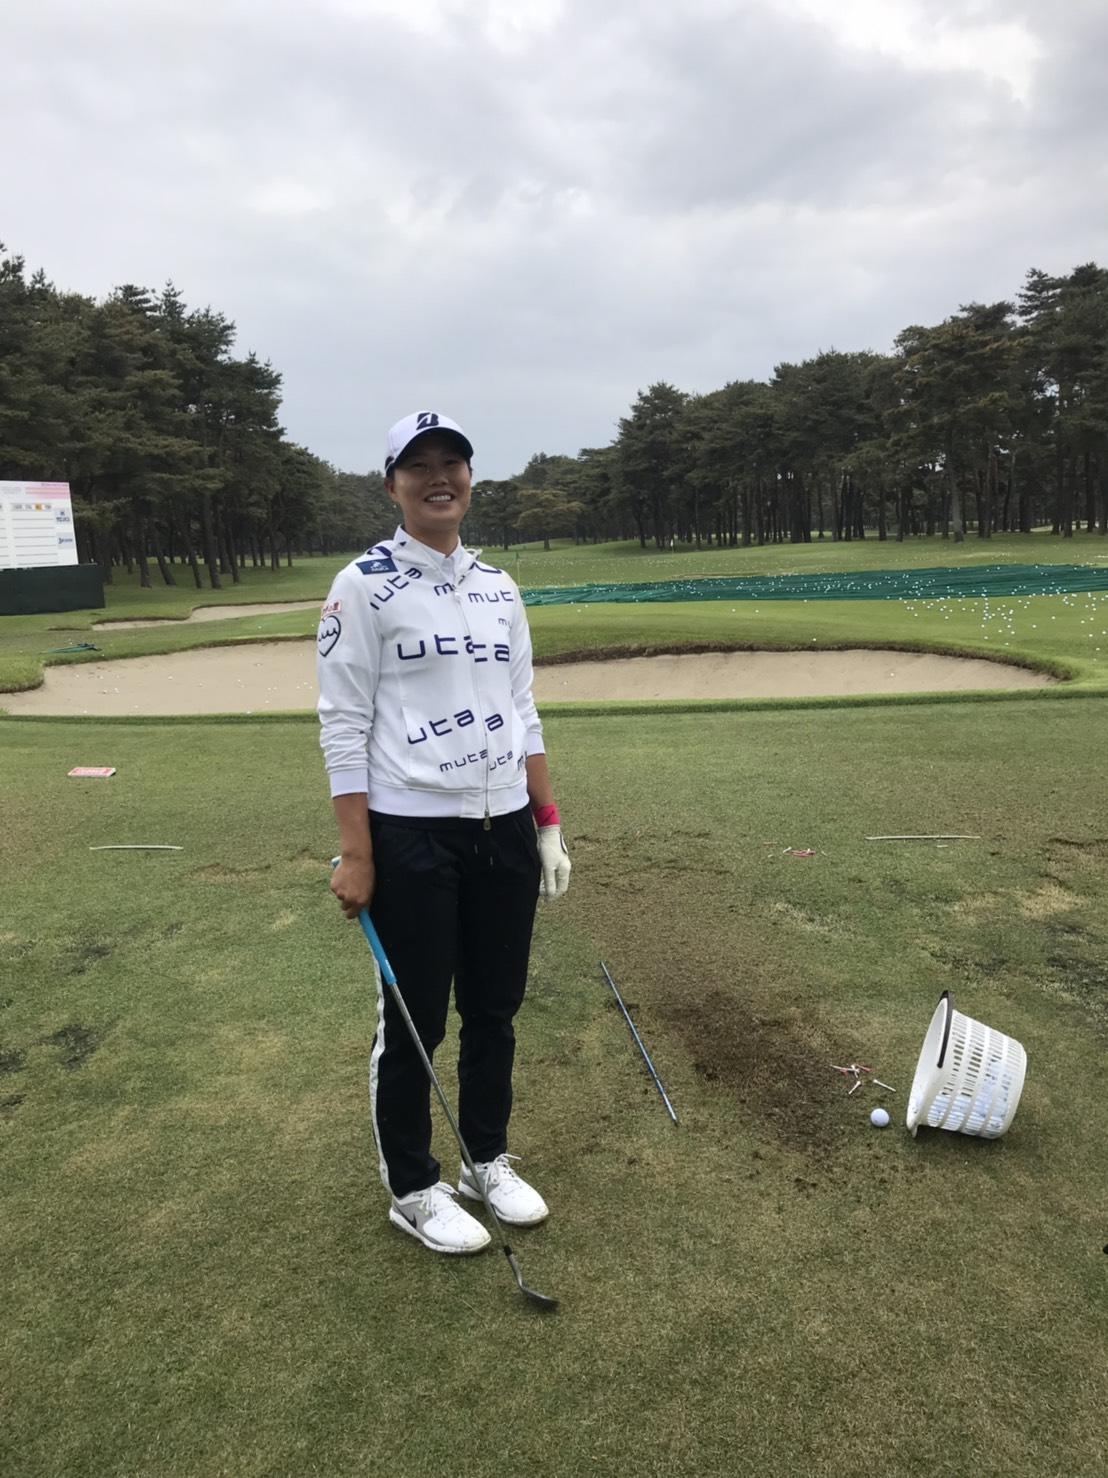 https://www.bs-golf.com/pro/IMG_3363.JPG